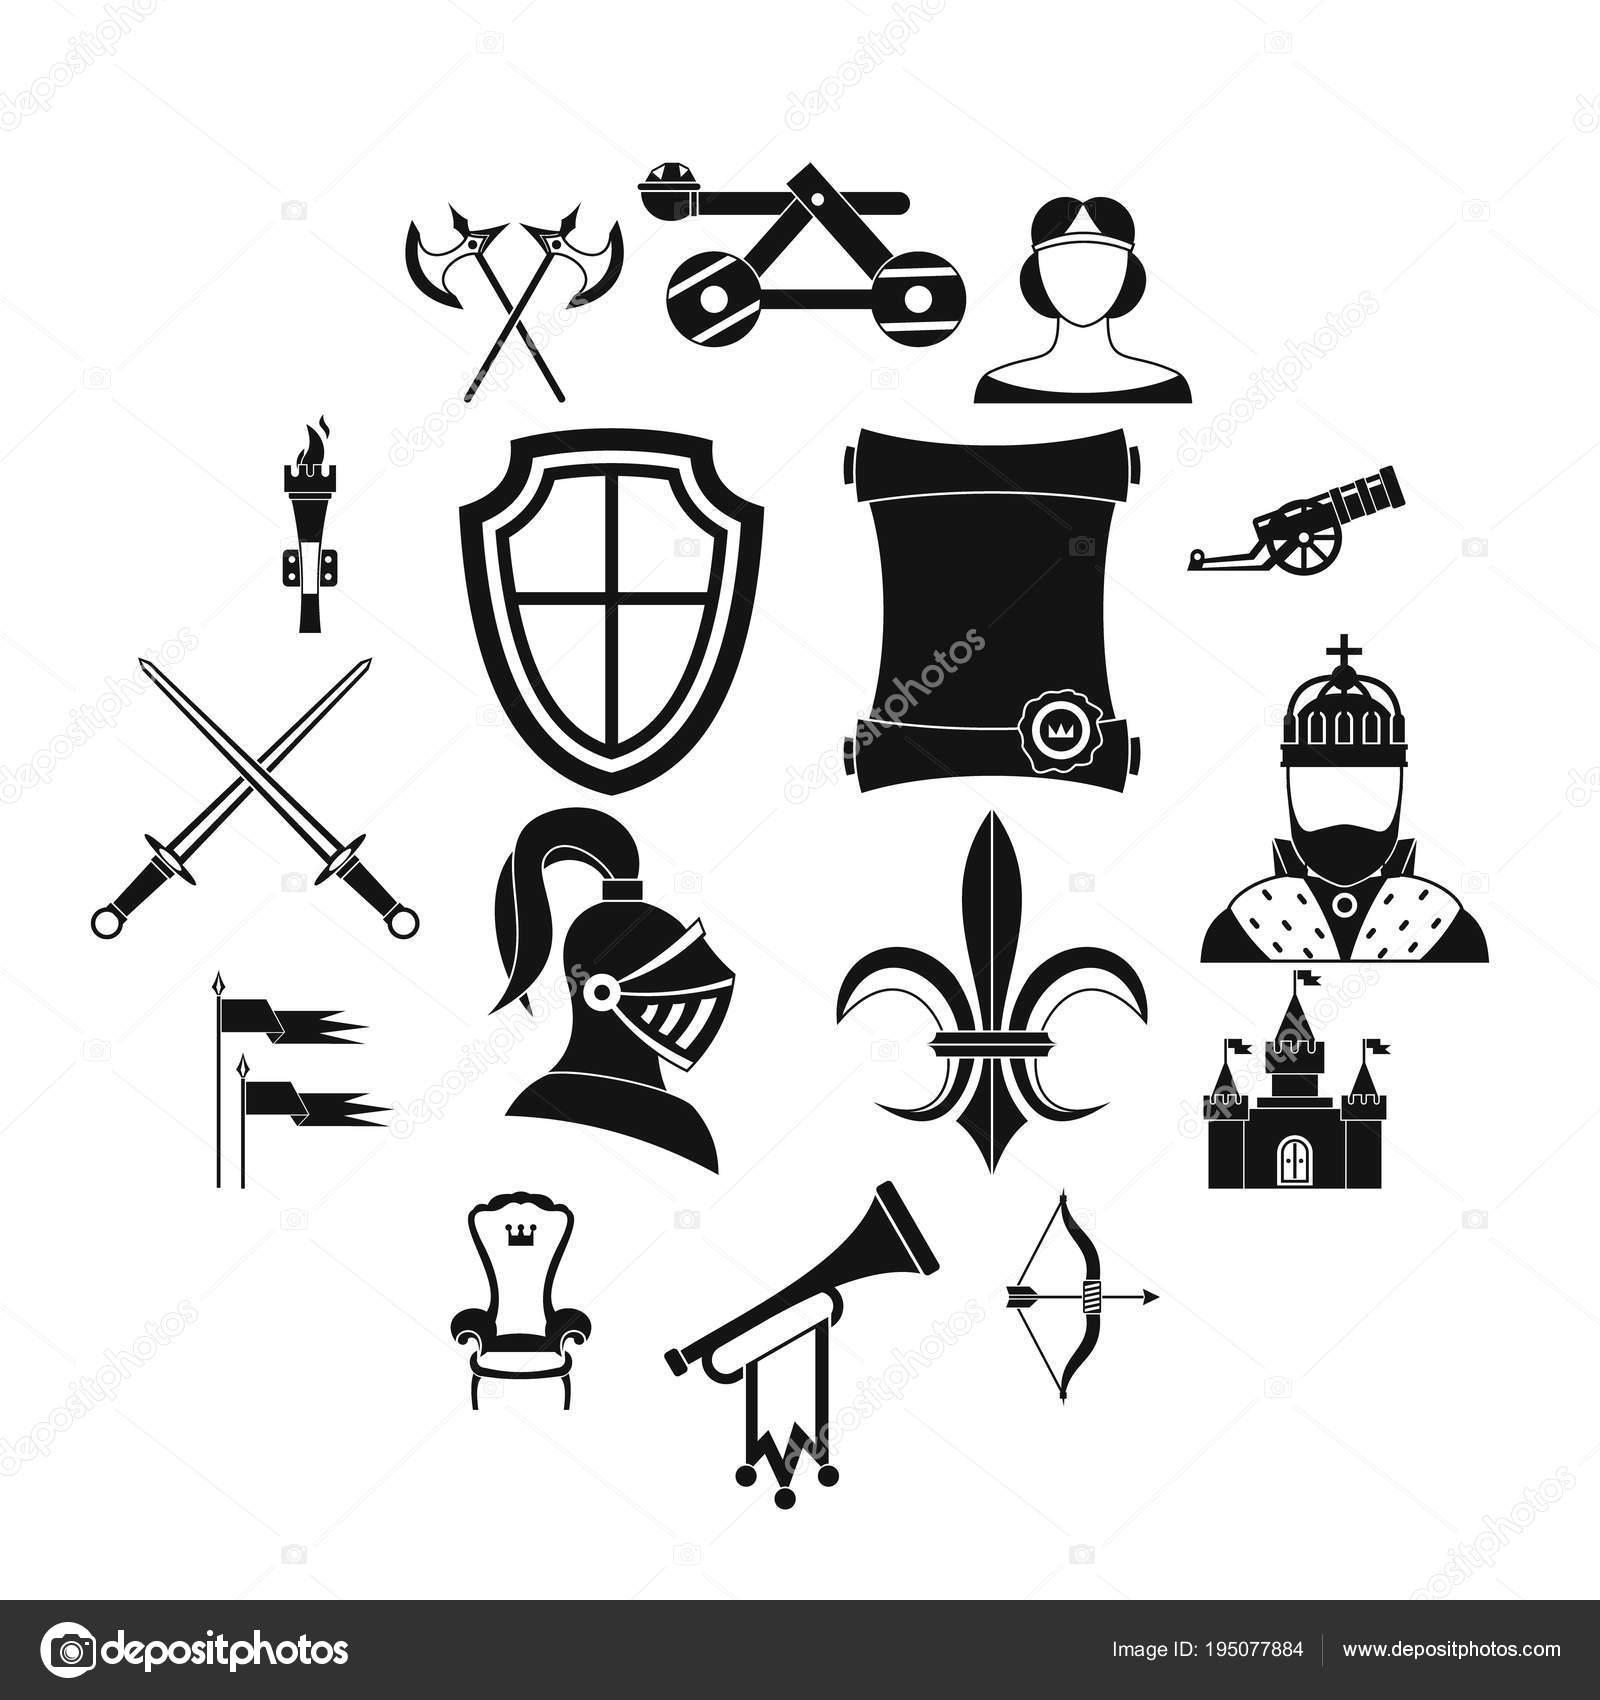 Ritter Mittelalterliche Symbole Gesetzt Einfachen Stil